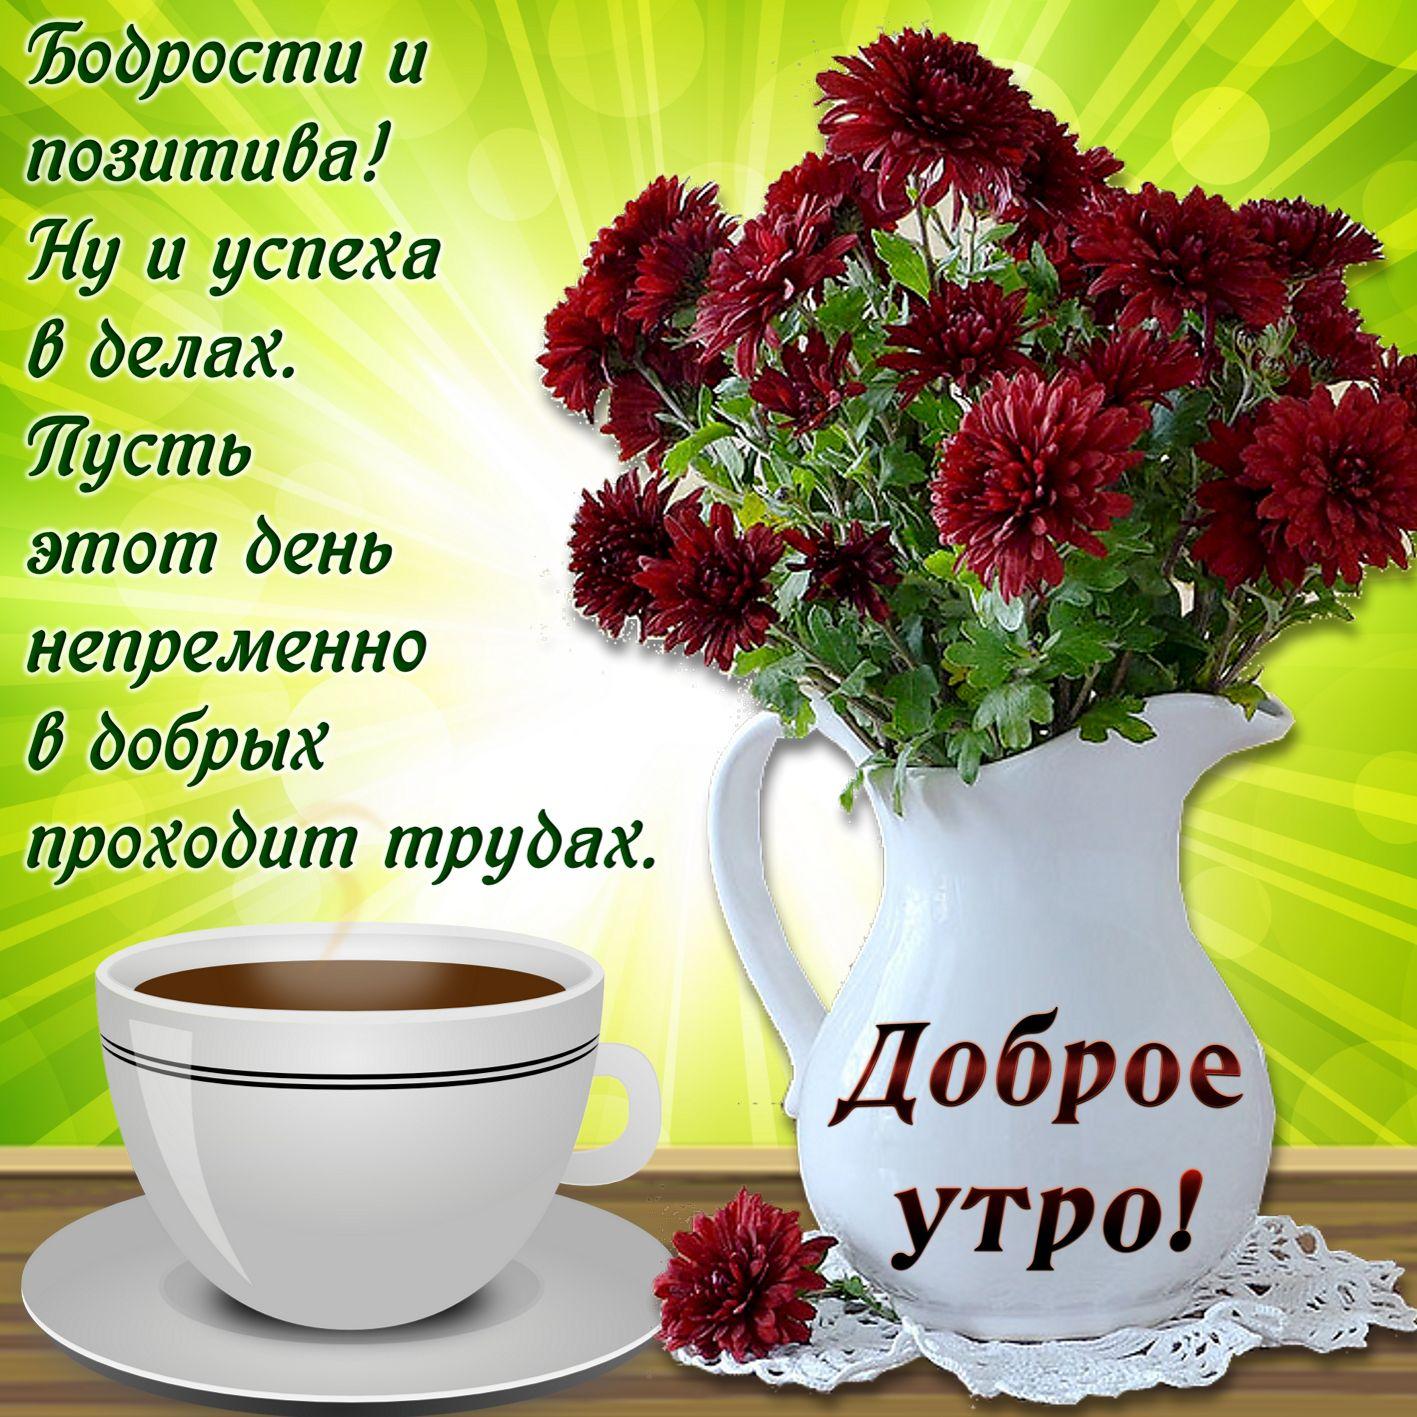 Картинка с добрым утром добром и хорошего дня пожеланиями